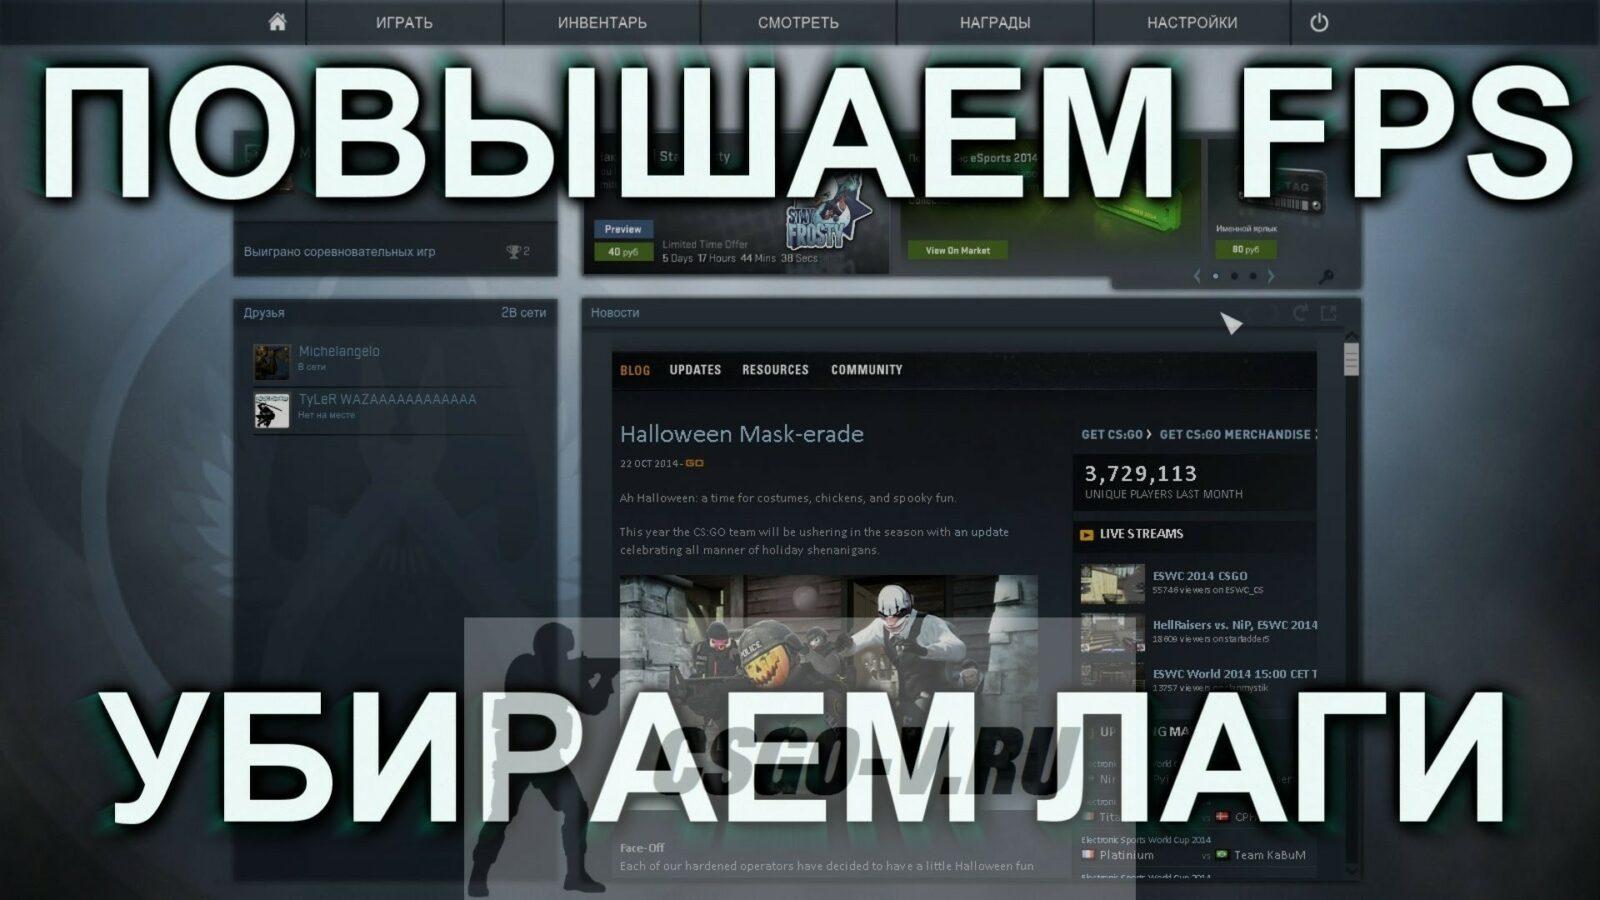 Как посмотреть FPS в игре Counter-Strike?